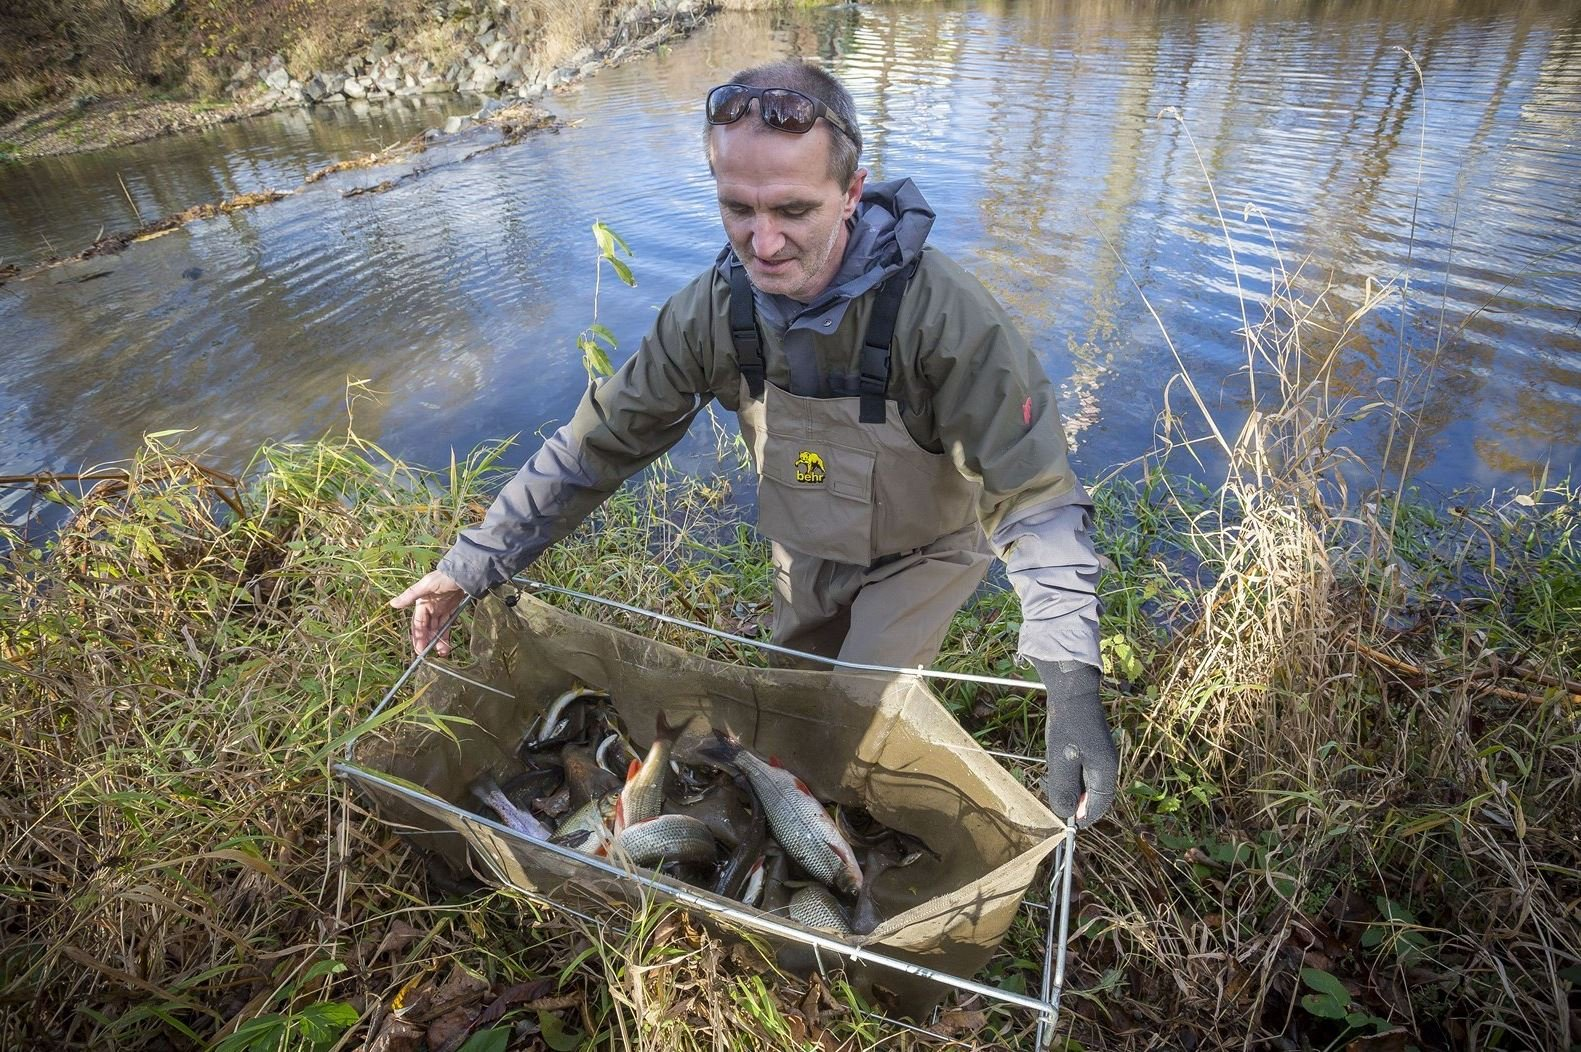 Informace z elektronických médií: V Bečvě ubývá ryb, stěžují si rybáři. Návrat k přírodní řece bude drahý